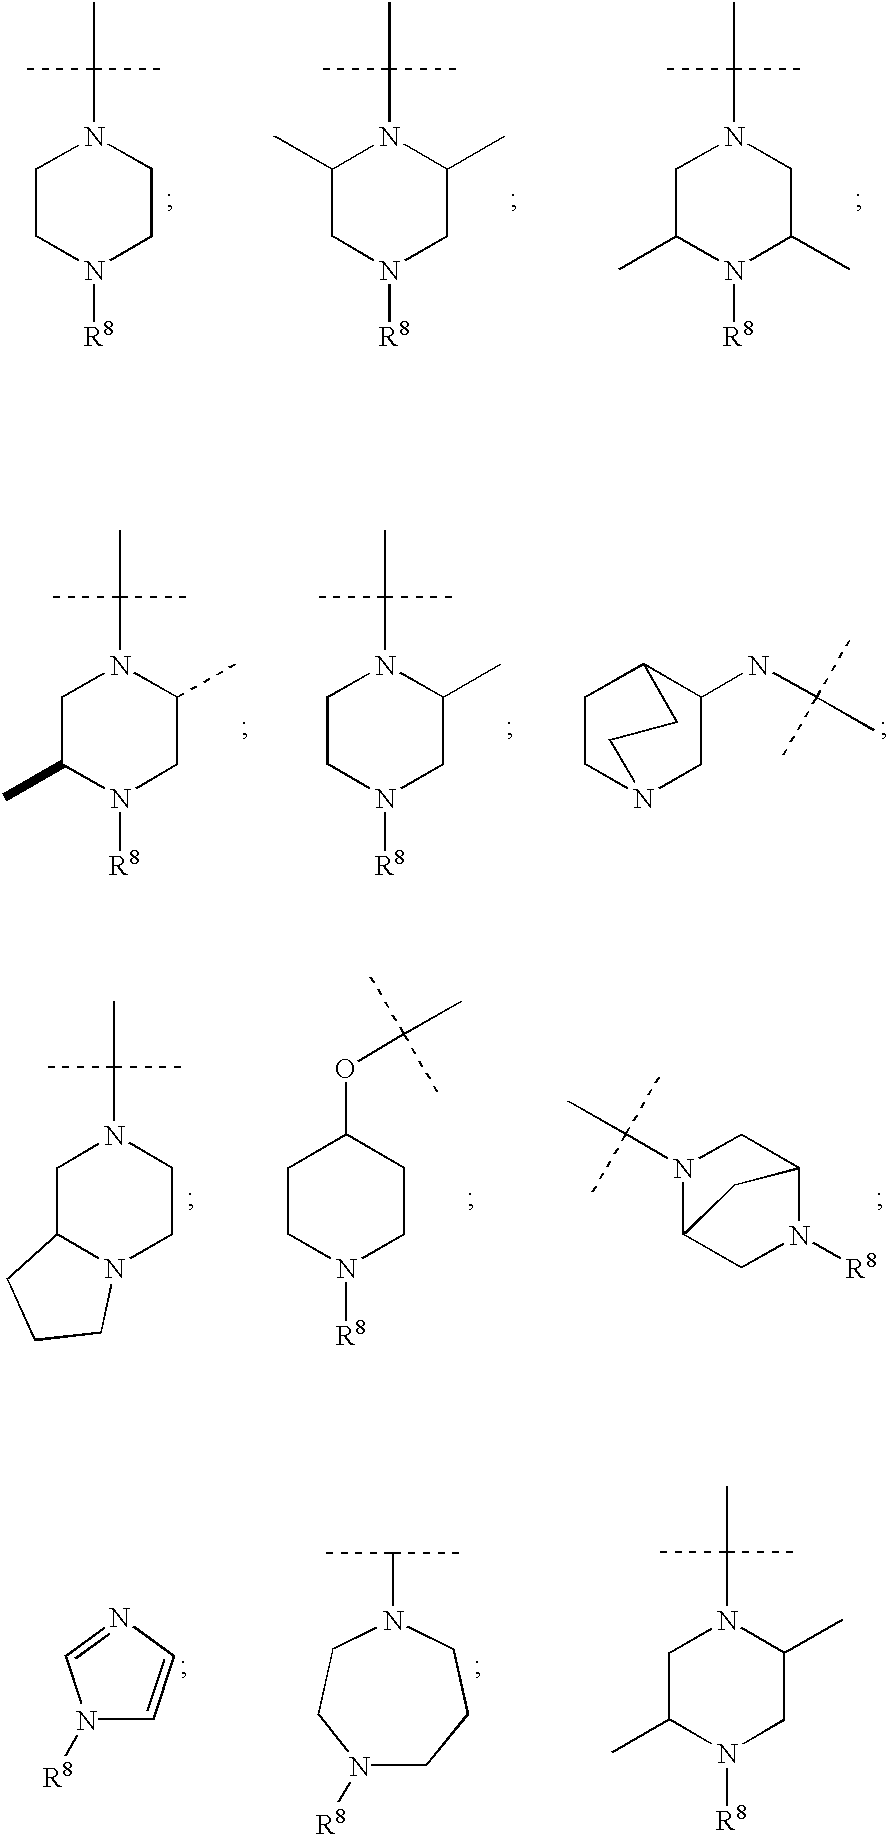 Figure US20030149019A1-20030807-C00274